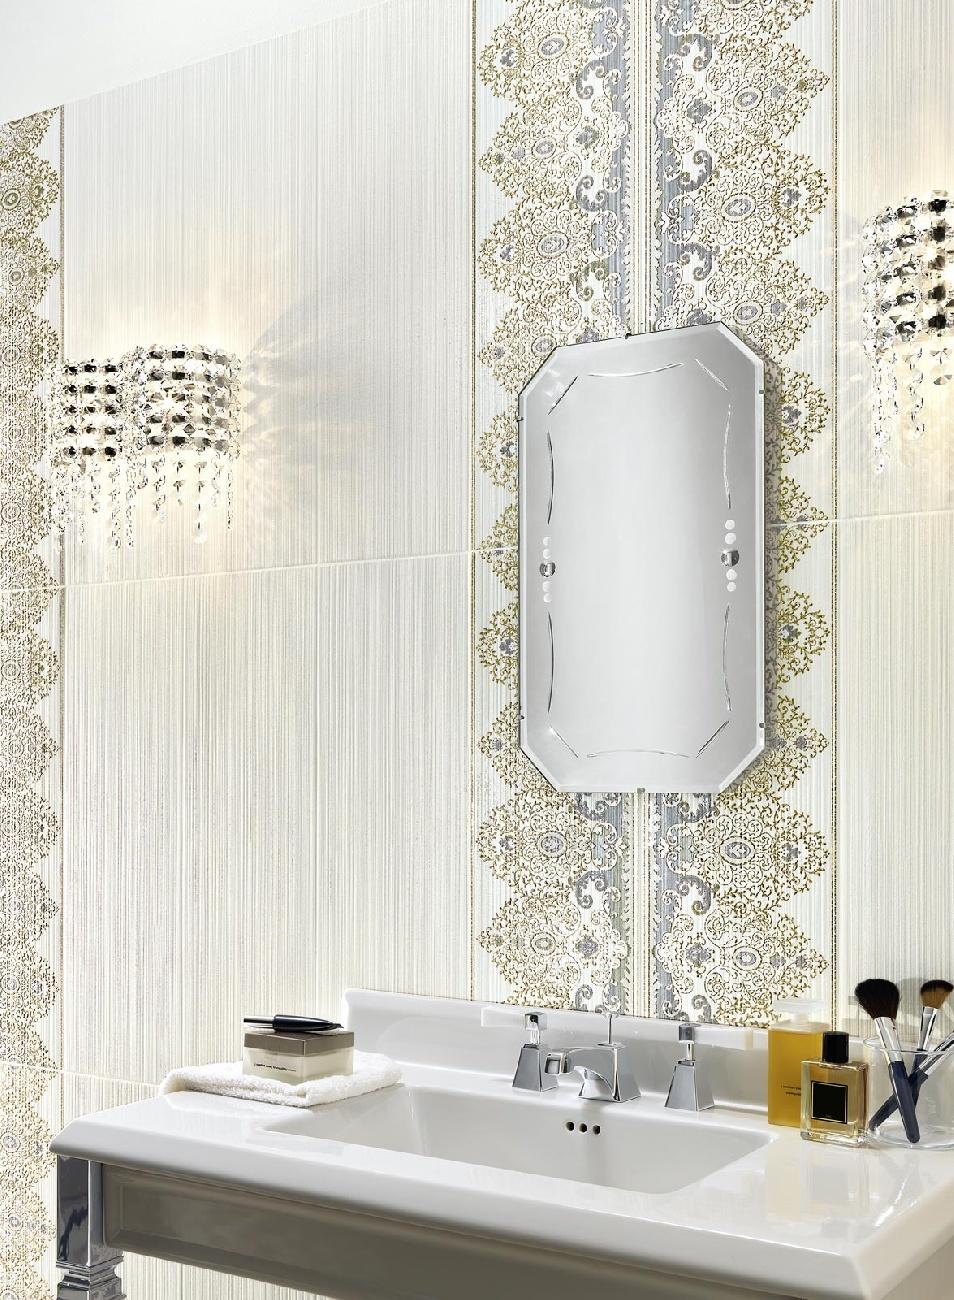 Mattonelle ragno affordable bagno pavimenti bagno mattonelle e piastrelle per bagni m bagno x - Mattonelle bagno ragno ...